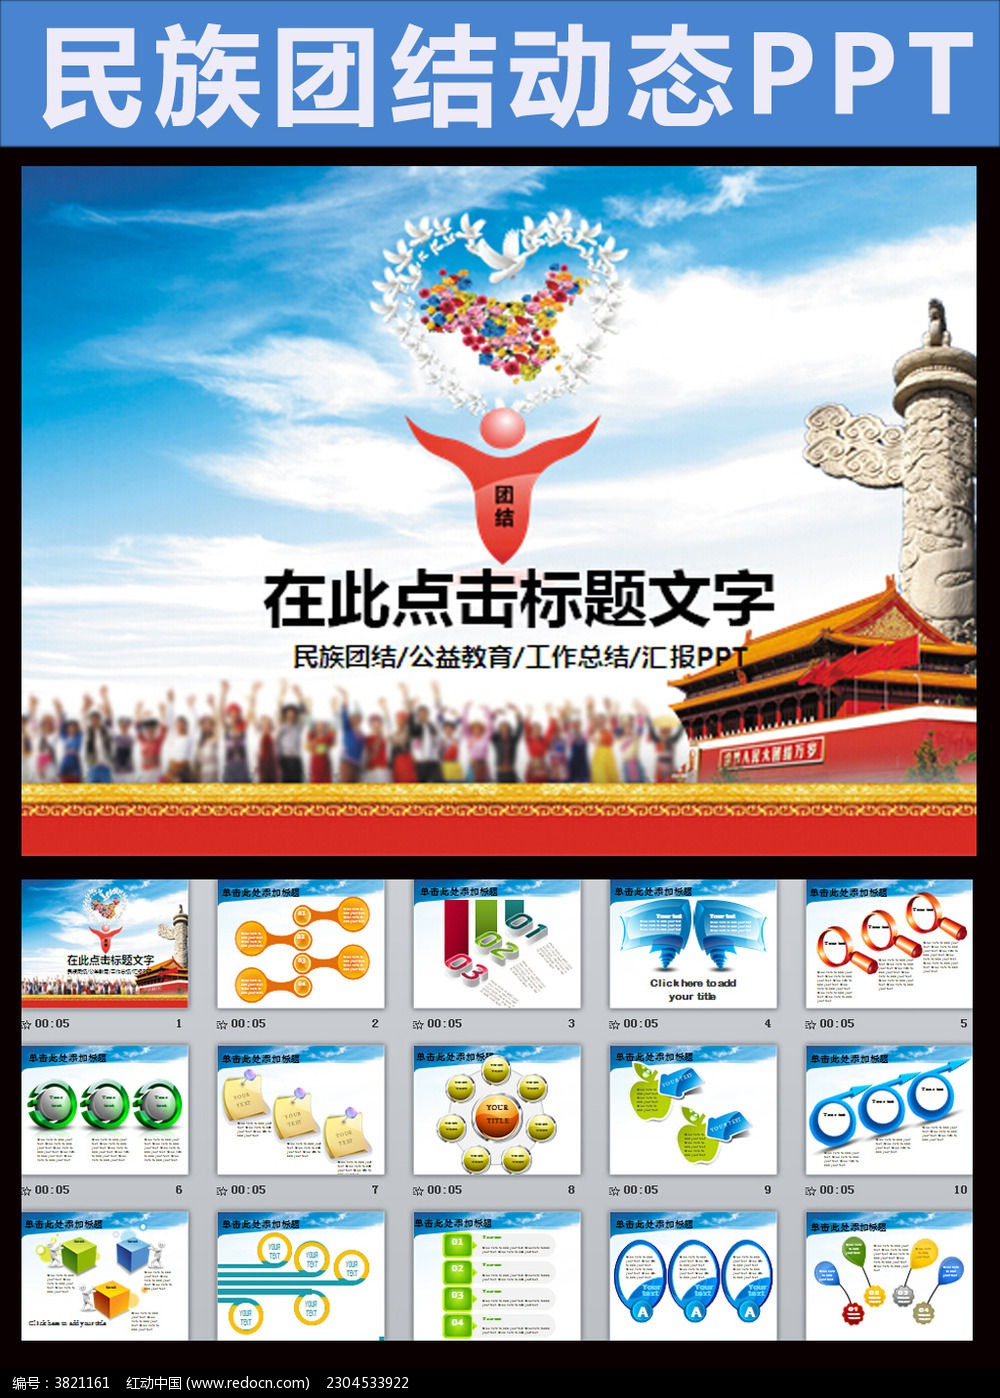 大团结 中国梦 56个民族 少数民族 和谐社会 政府 党建 党政 社区 学校